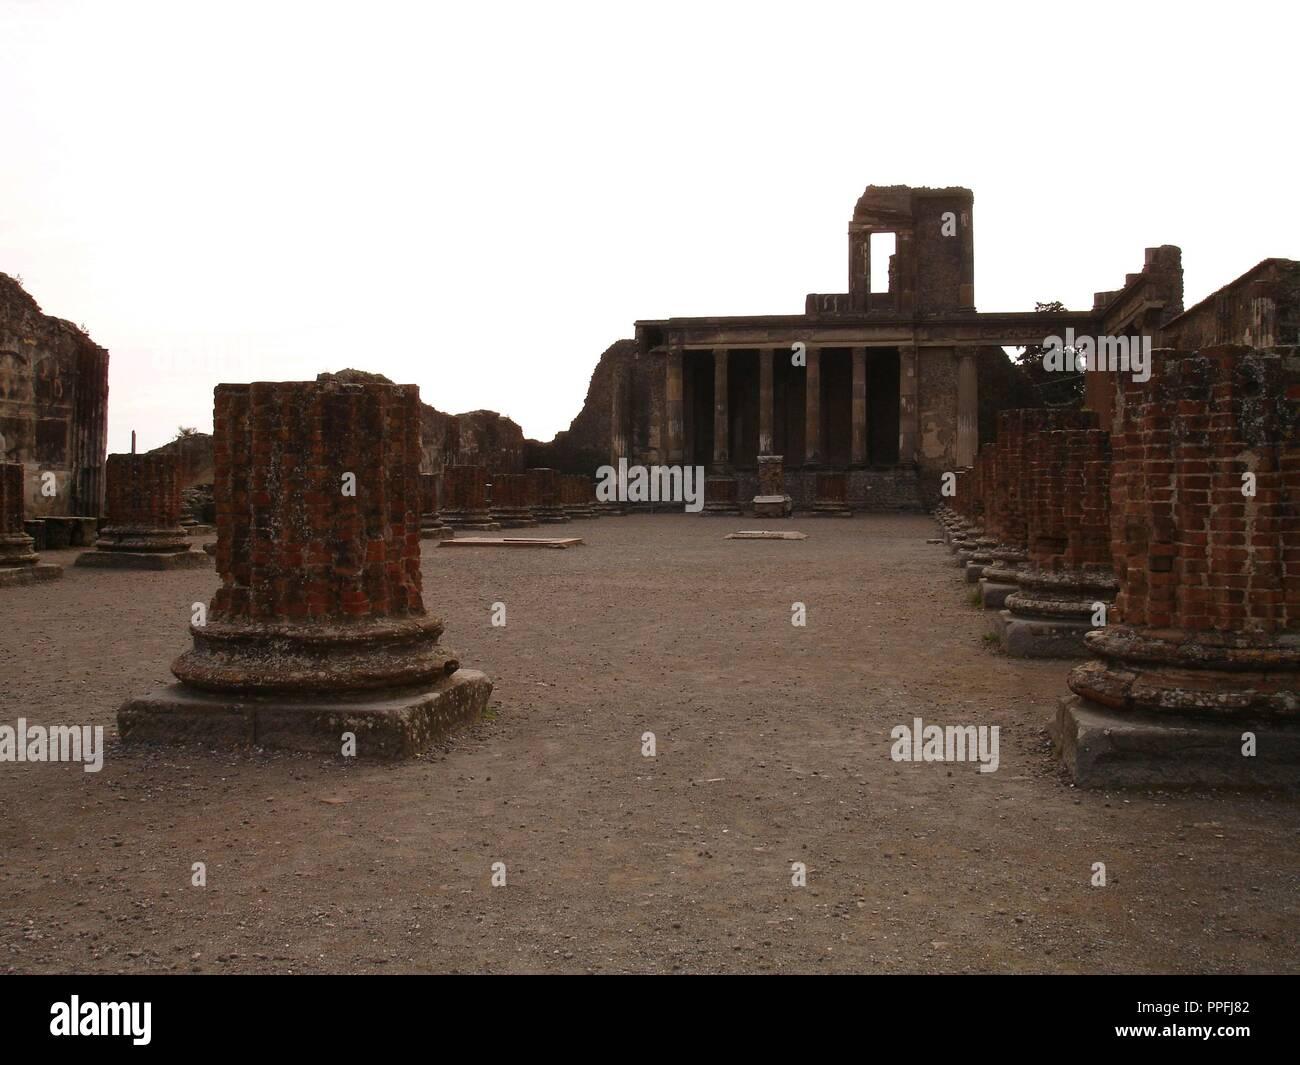 Basilique CONSTRUIDA EN EL AÑO 80 AC- AL FONDO EL TRIBUNAL DE JUSTICIA. Lieu: basilique. ITALIA. Photo Stock